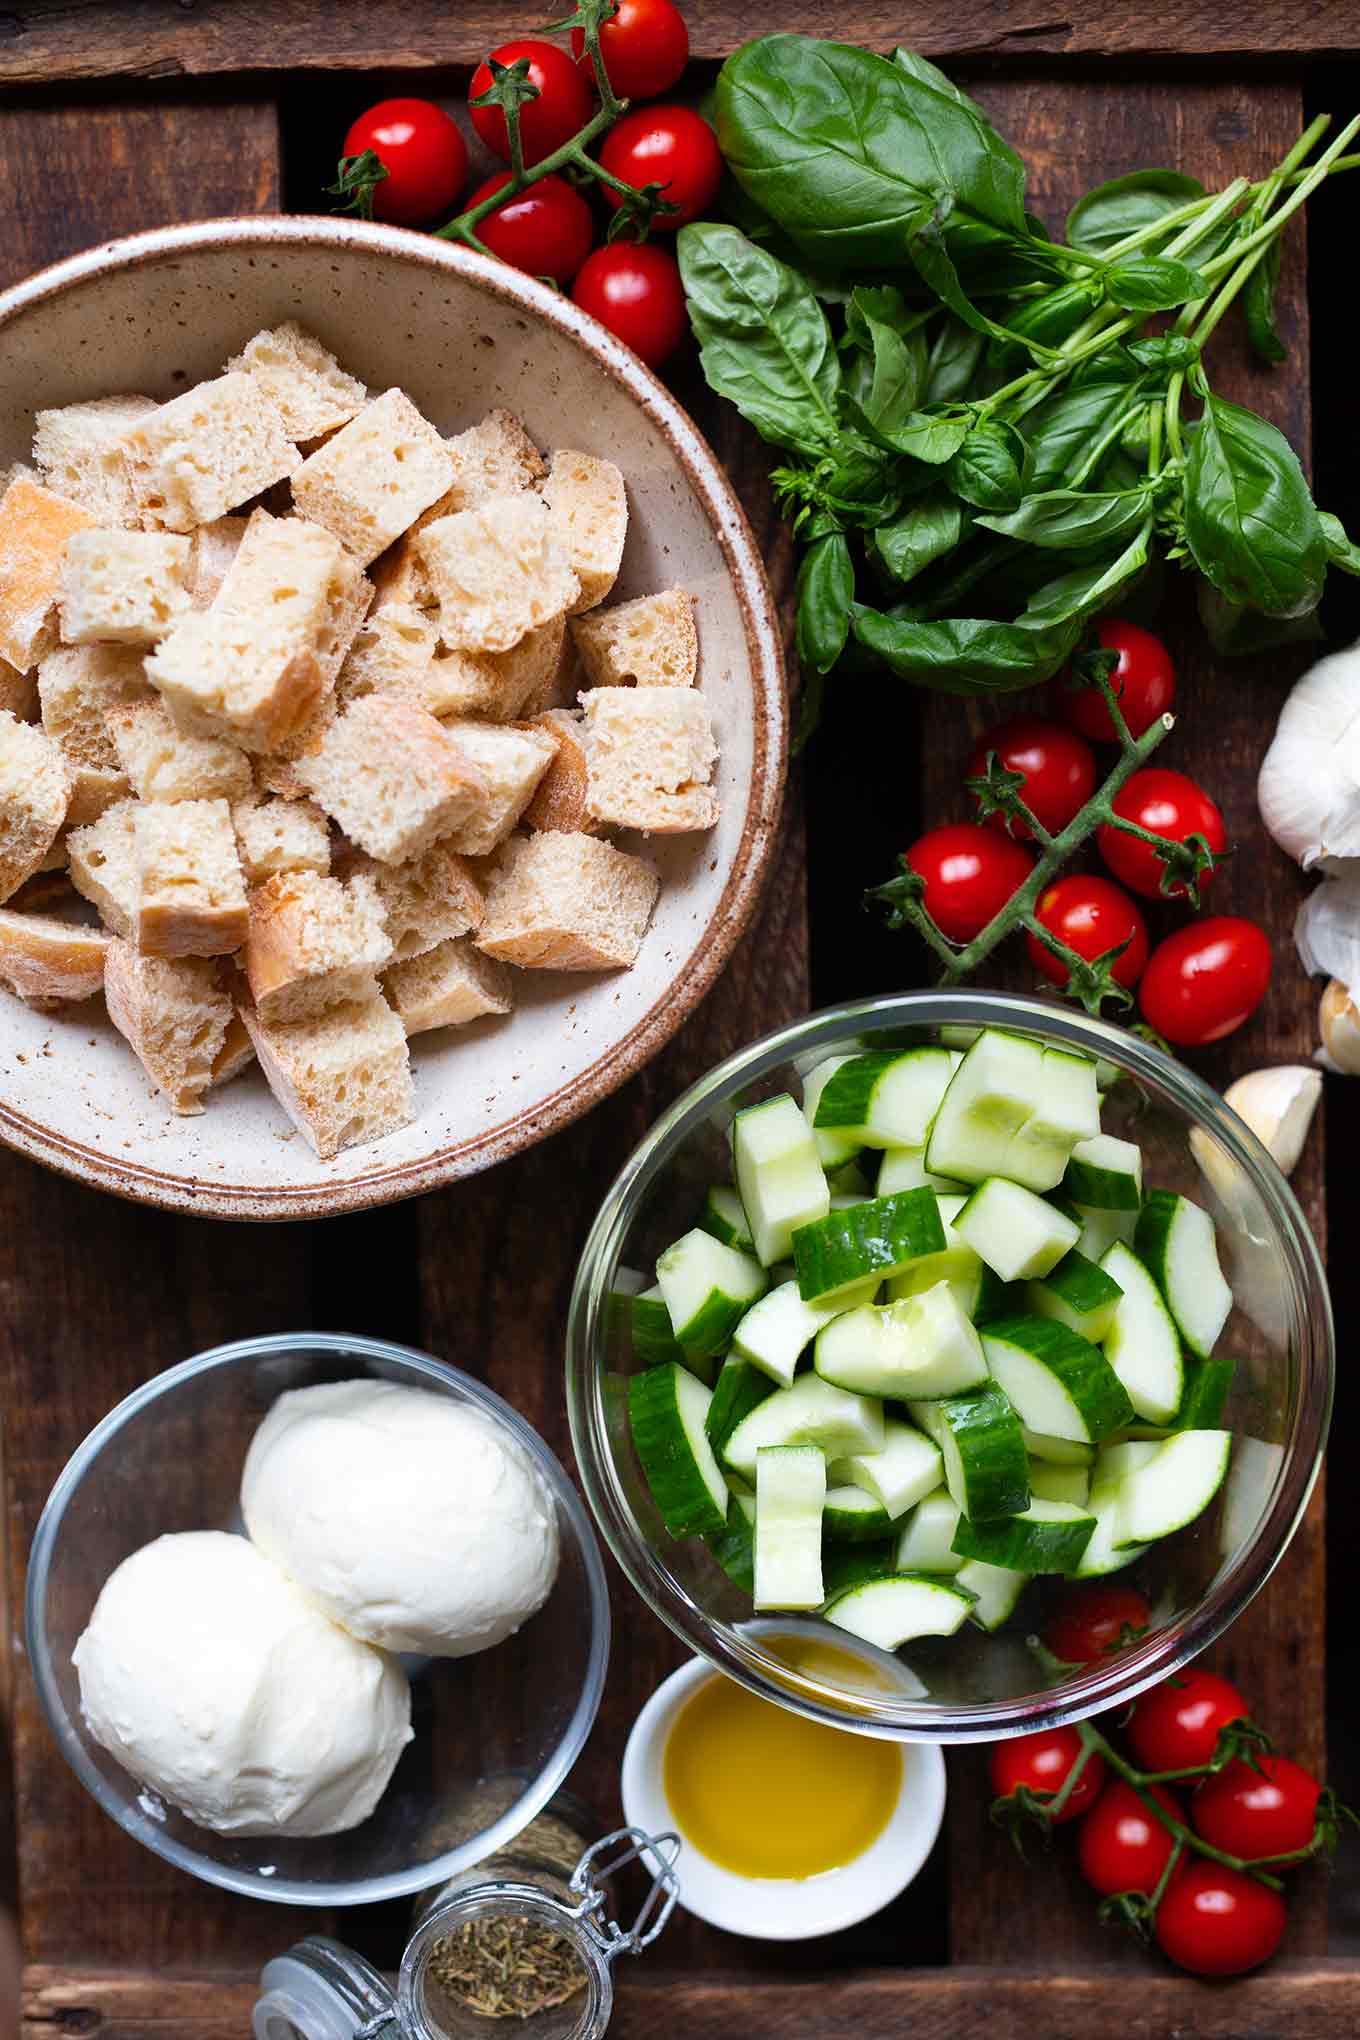 Bock auf den perfekten Sommersalat? Panzanella ist die Antwort! Dieses einfache Rezept ist knusprig, knackig, erfrischend und das perfekte Abendessen. So einfach und SO gut! - Kochkarussell.com #brotsalat #panzanella #schnellundeinfach #feierabendküche